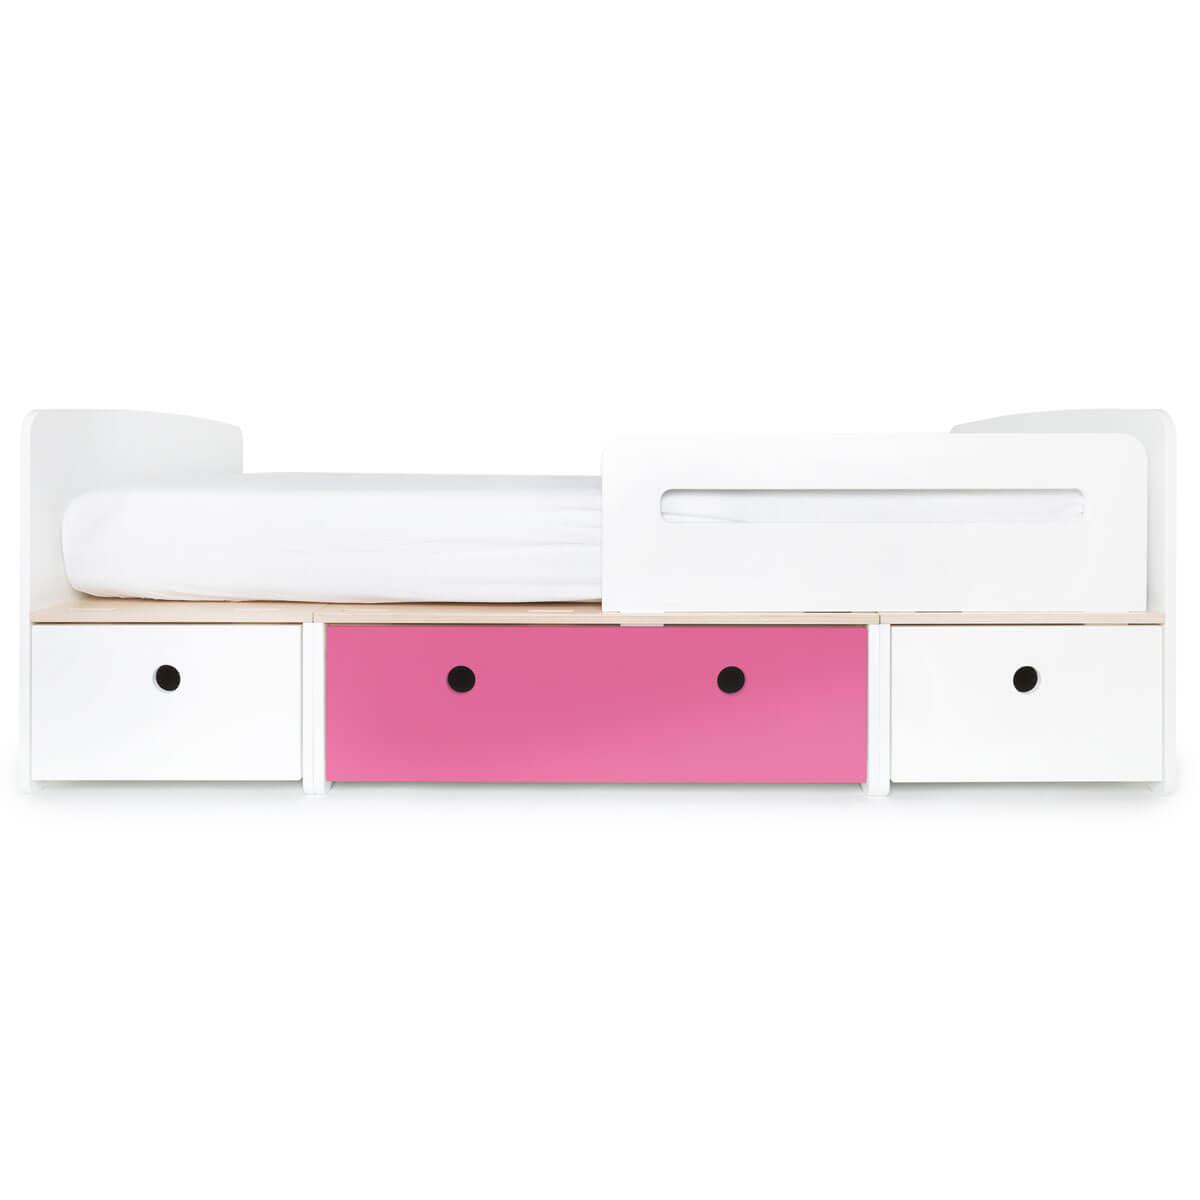 Kinderbett 90x200cm COLORFLEX white-pink-white